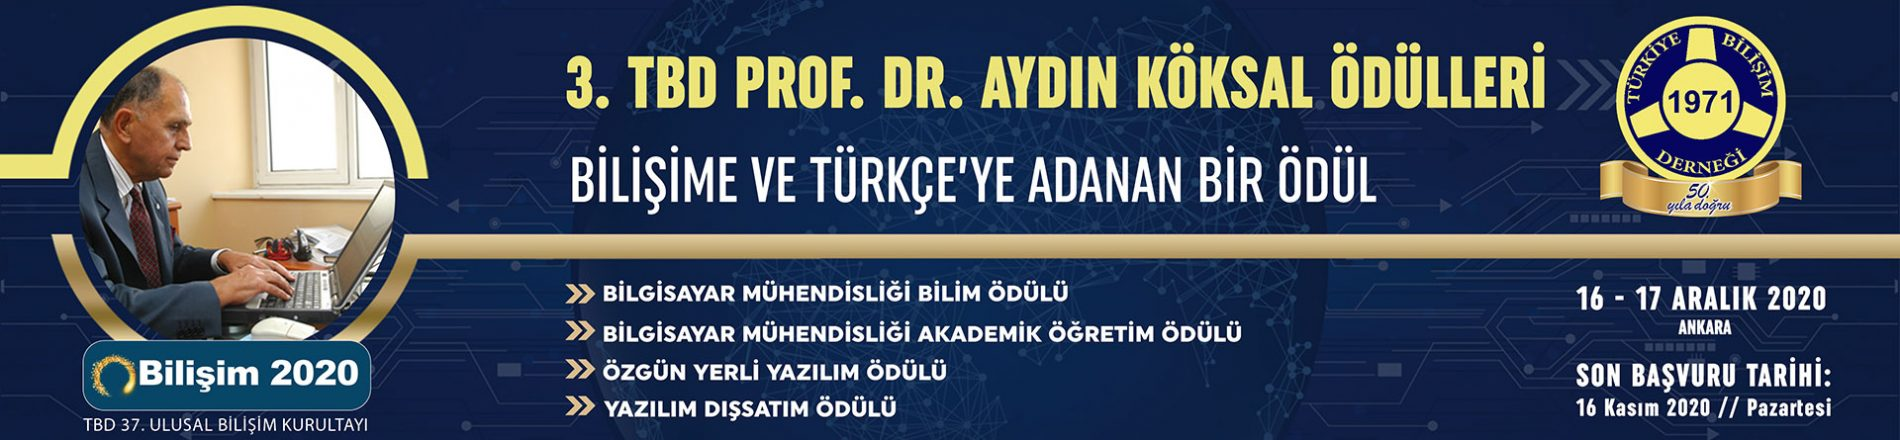 Prof.Dr. Aydın Köksal Ödülleri